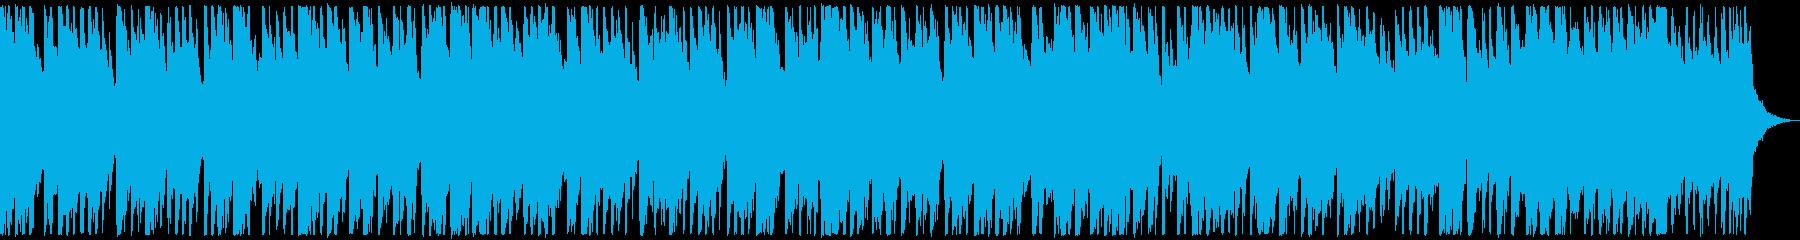 ベル系のメロディーが可愛らしいイメージの再生済みの波形